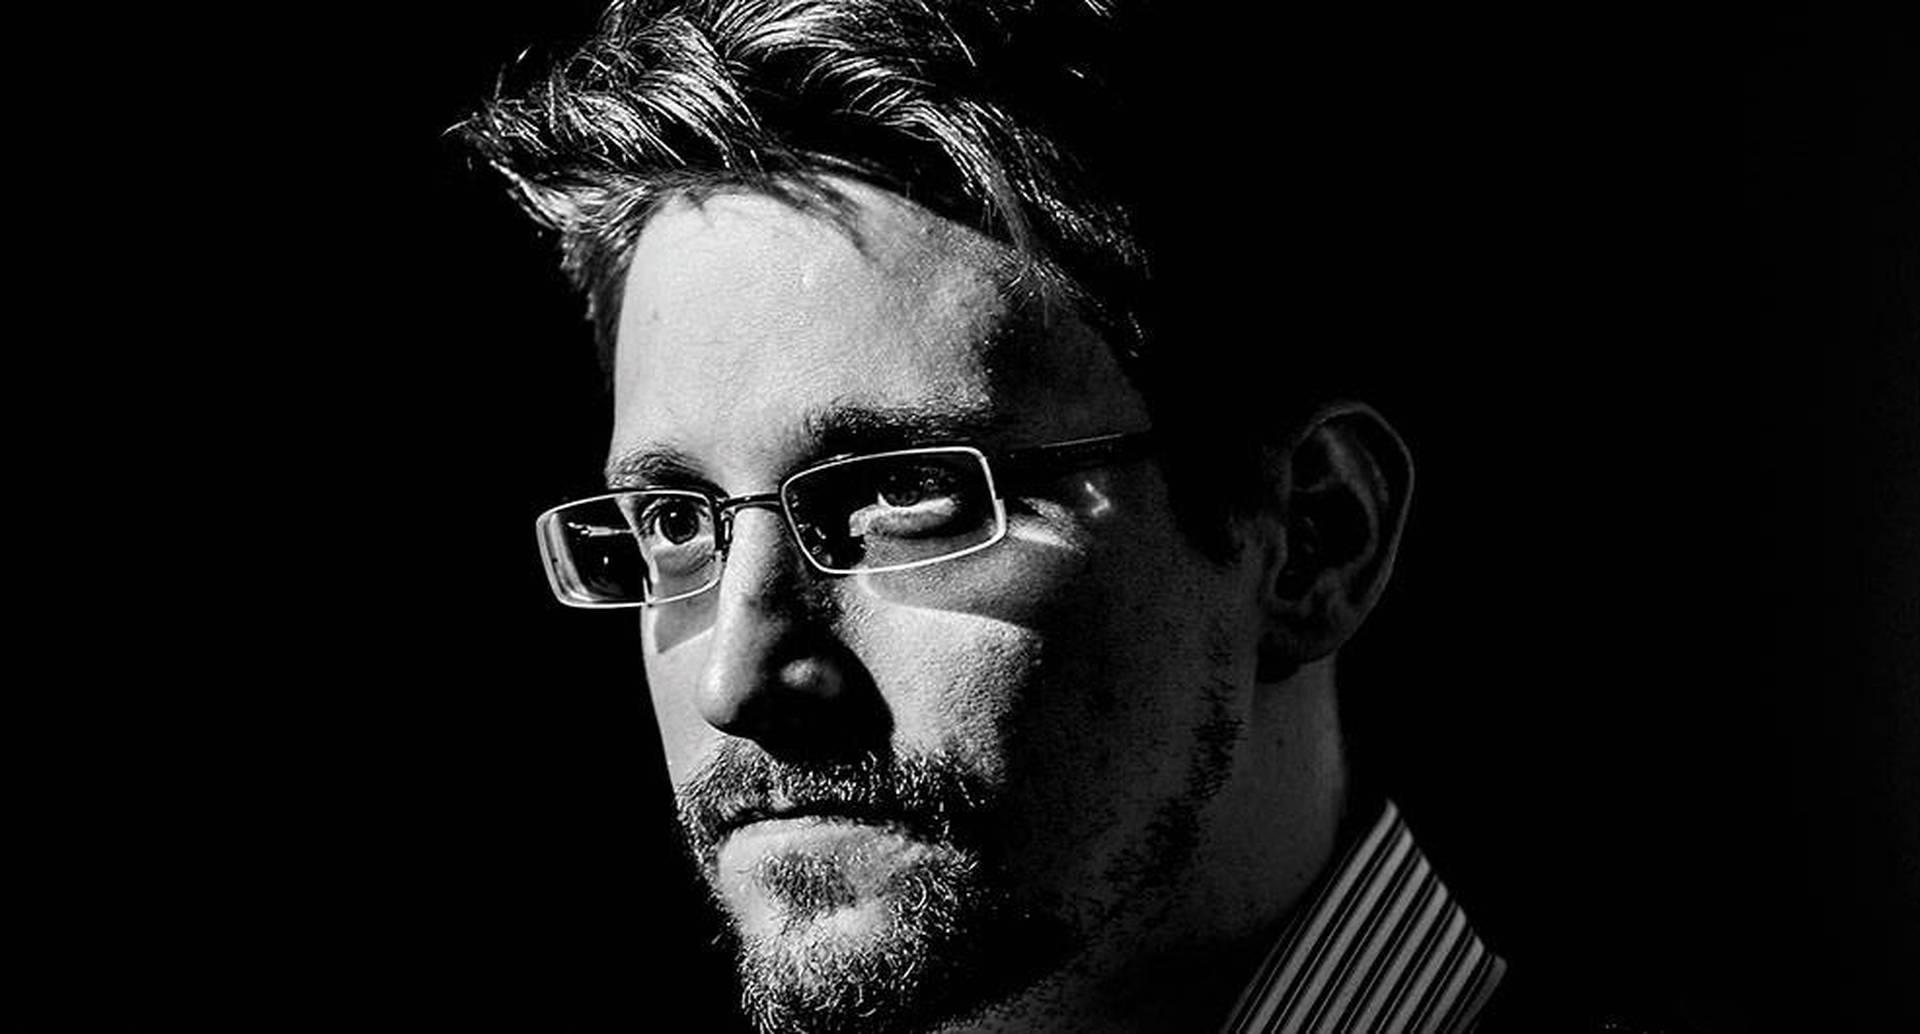 Snowden entró a la CIA a los 22 años a pesar de que no tenía título universitario y de que había obtenido sus conocimientos informáticos por sí mismo.